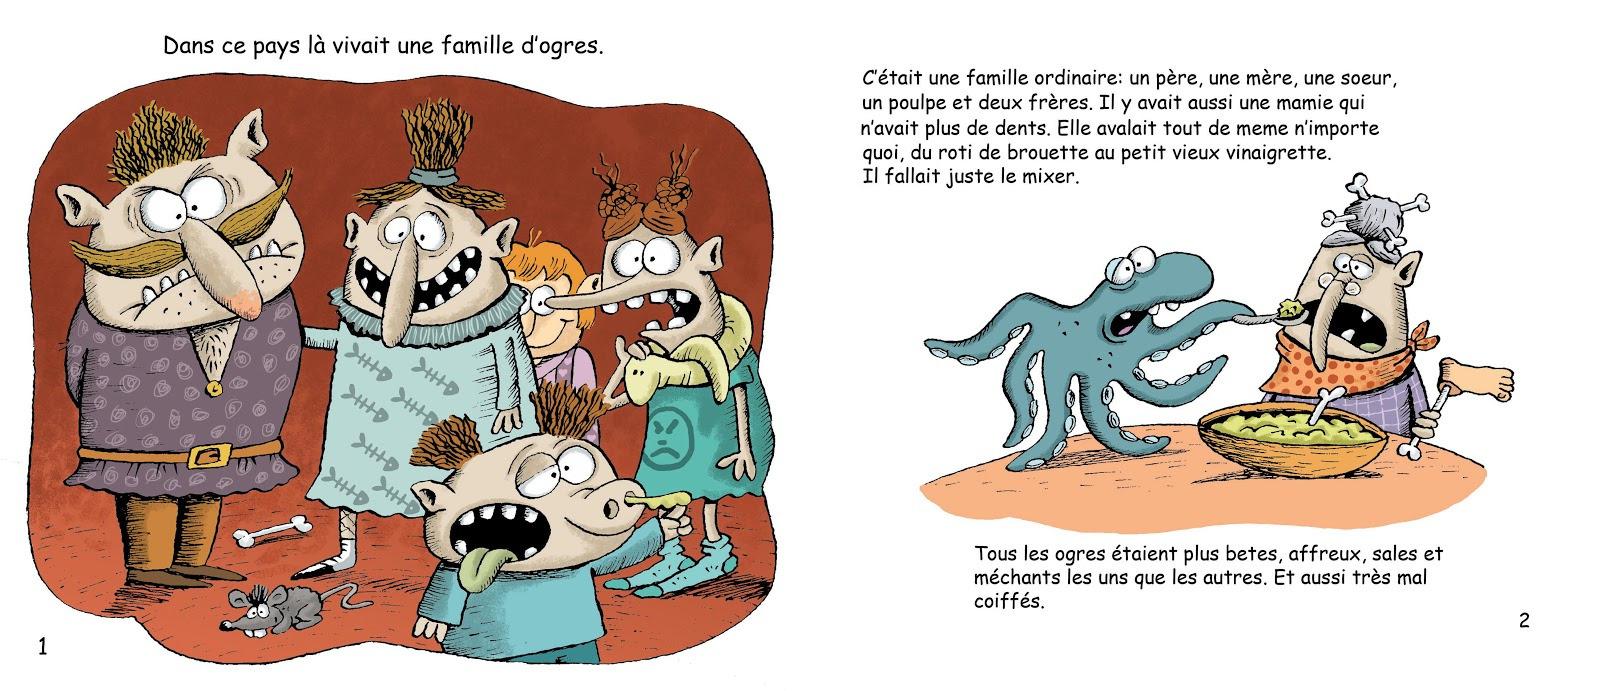 Le Petit Ogre Qui Voulait Apprendre À Lire - Blog-O-Noisettes tout Le Petit Ogre Qui Voulait Apprendre À Lire